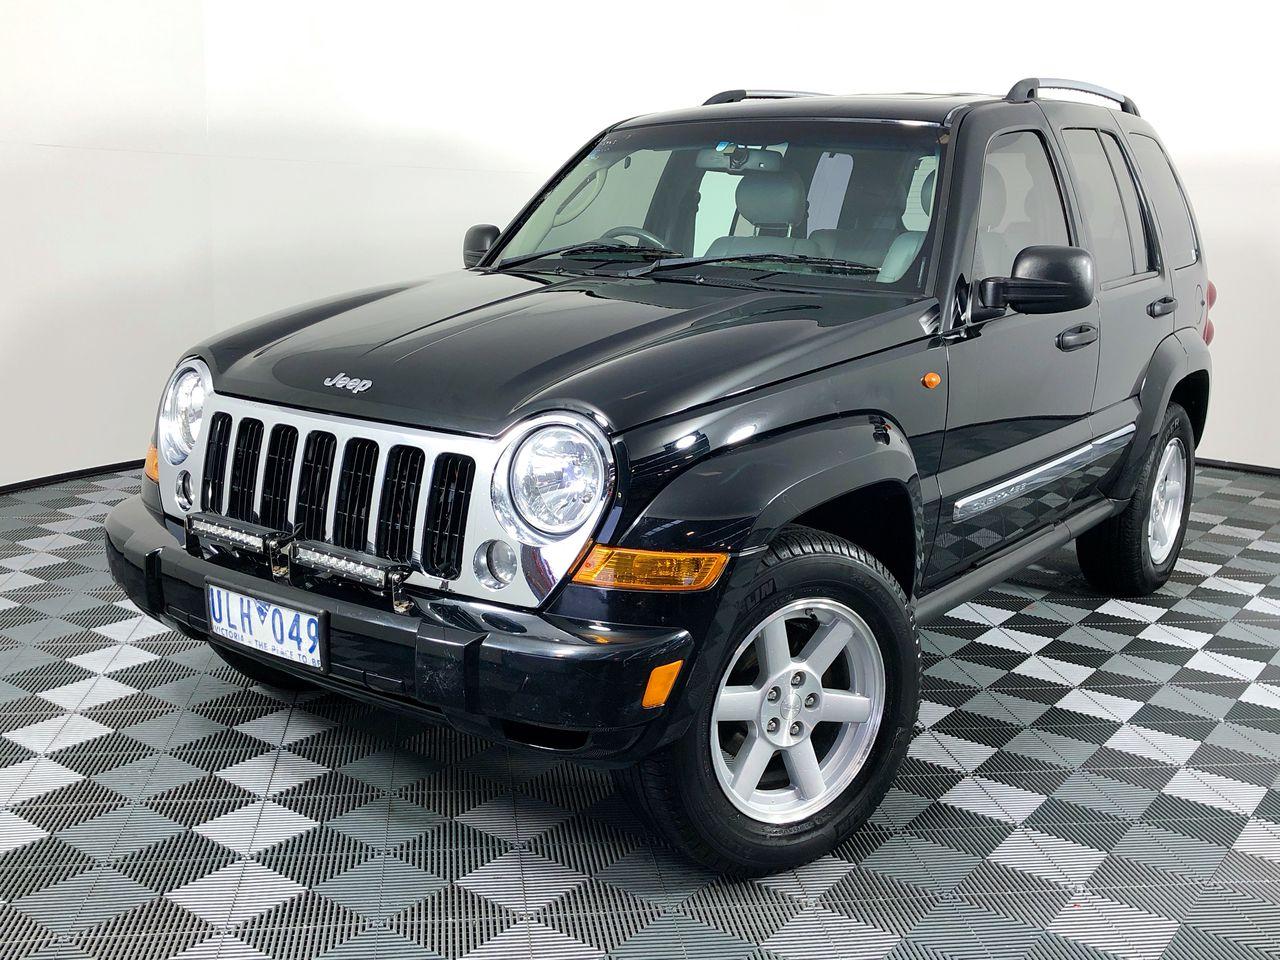 2006 Jeep Cherokee Limited (4x4) KJ Turbo Diesel Automatic Wagon